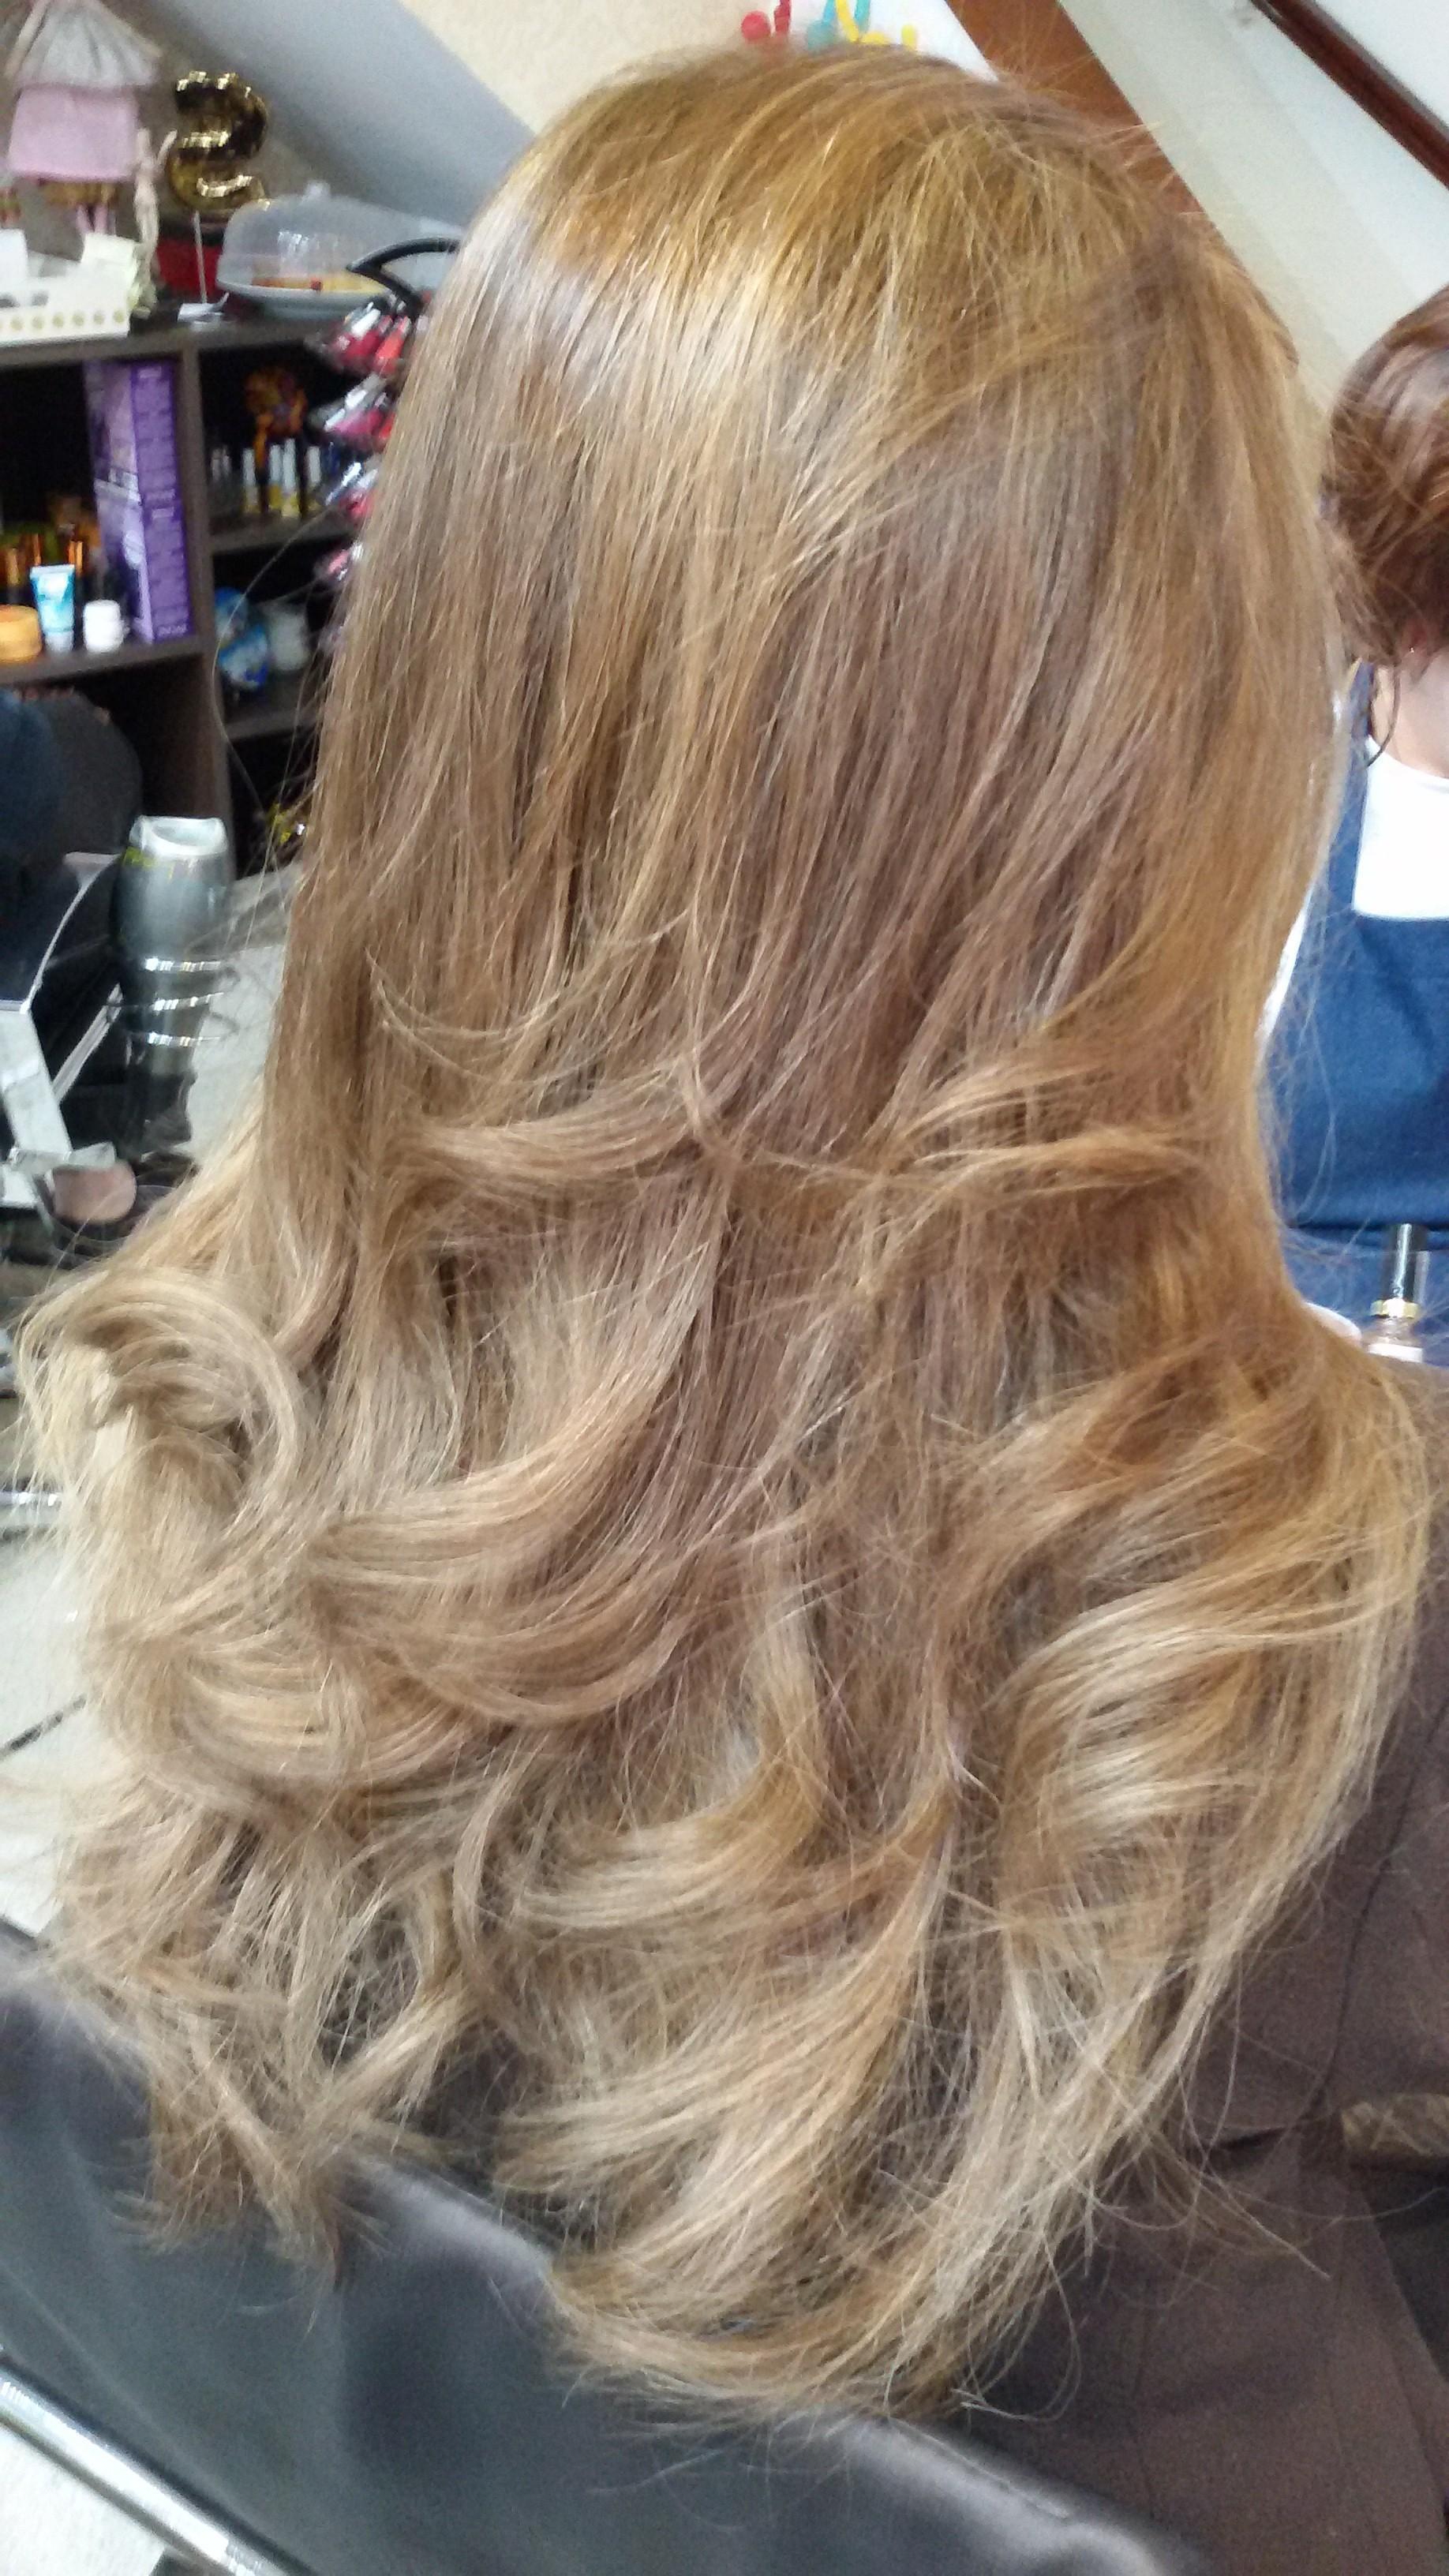 Corte e escova modelada cabelo cabeleireiro(a)